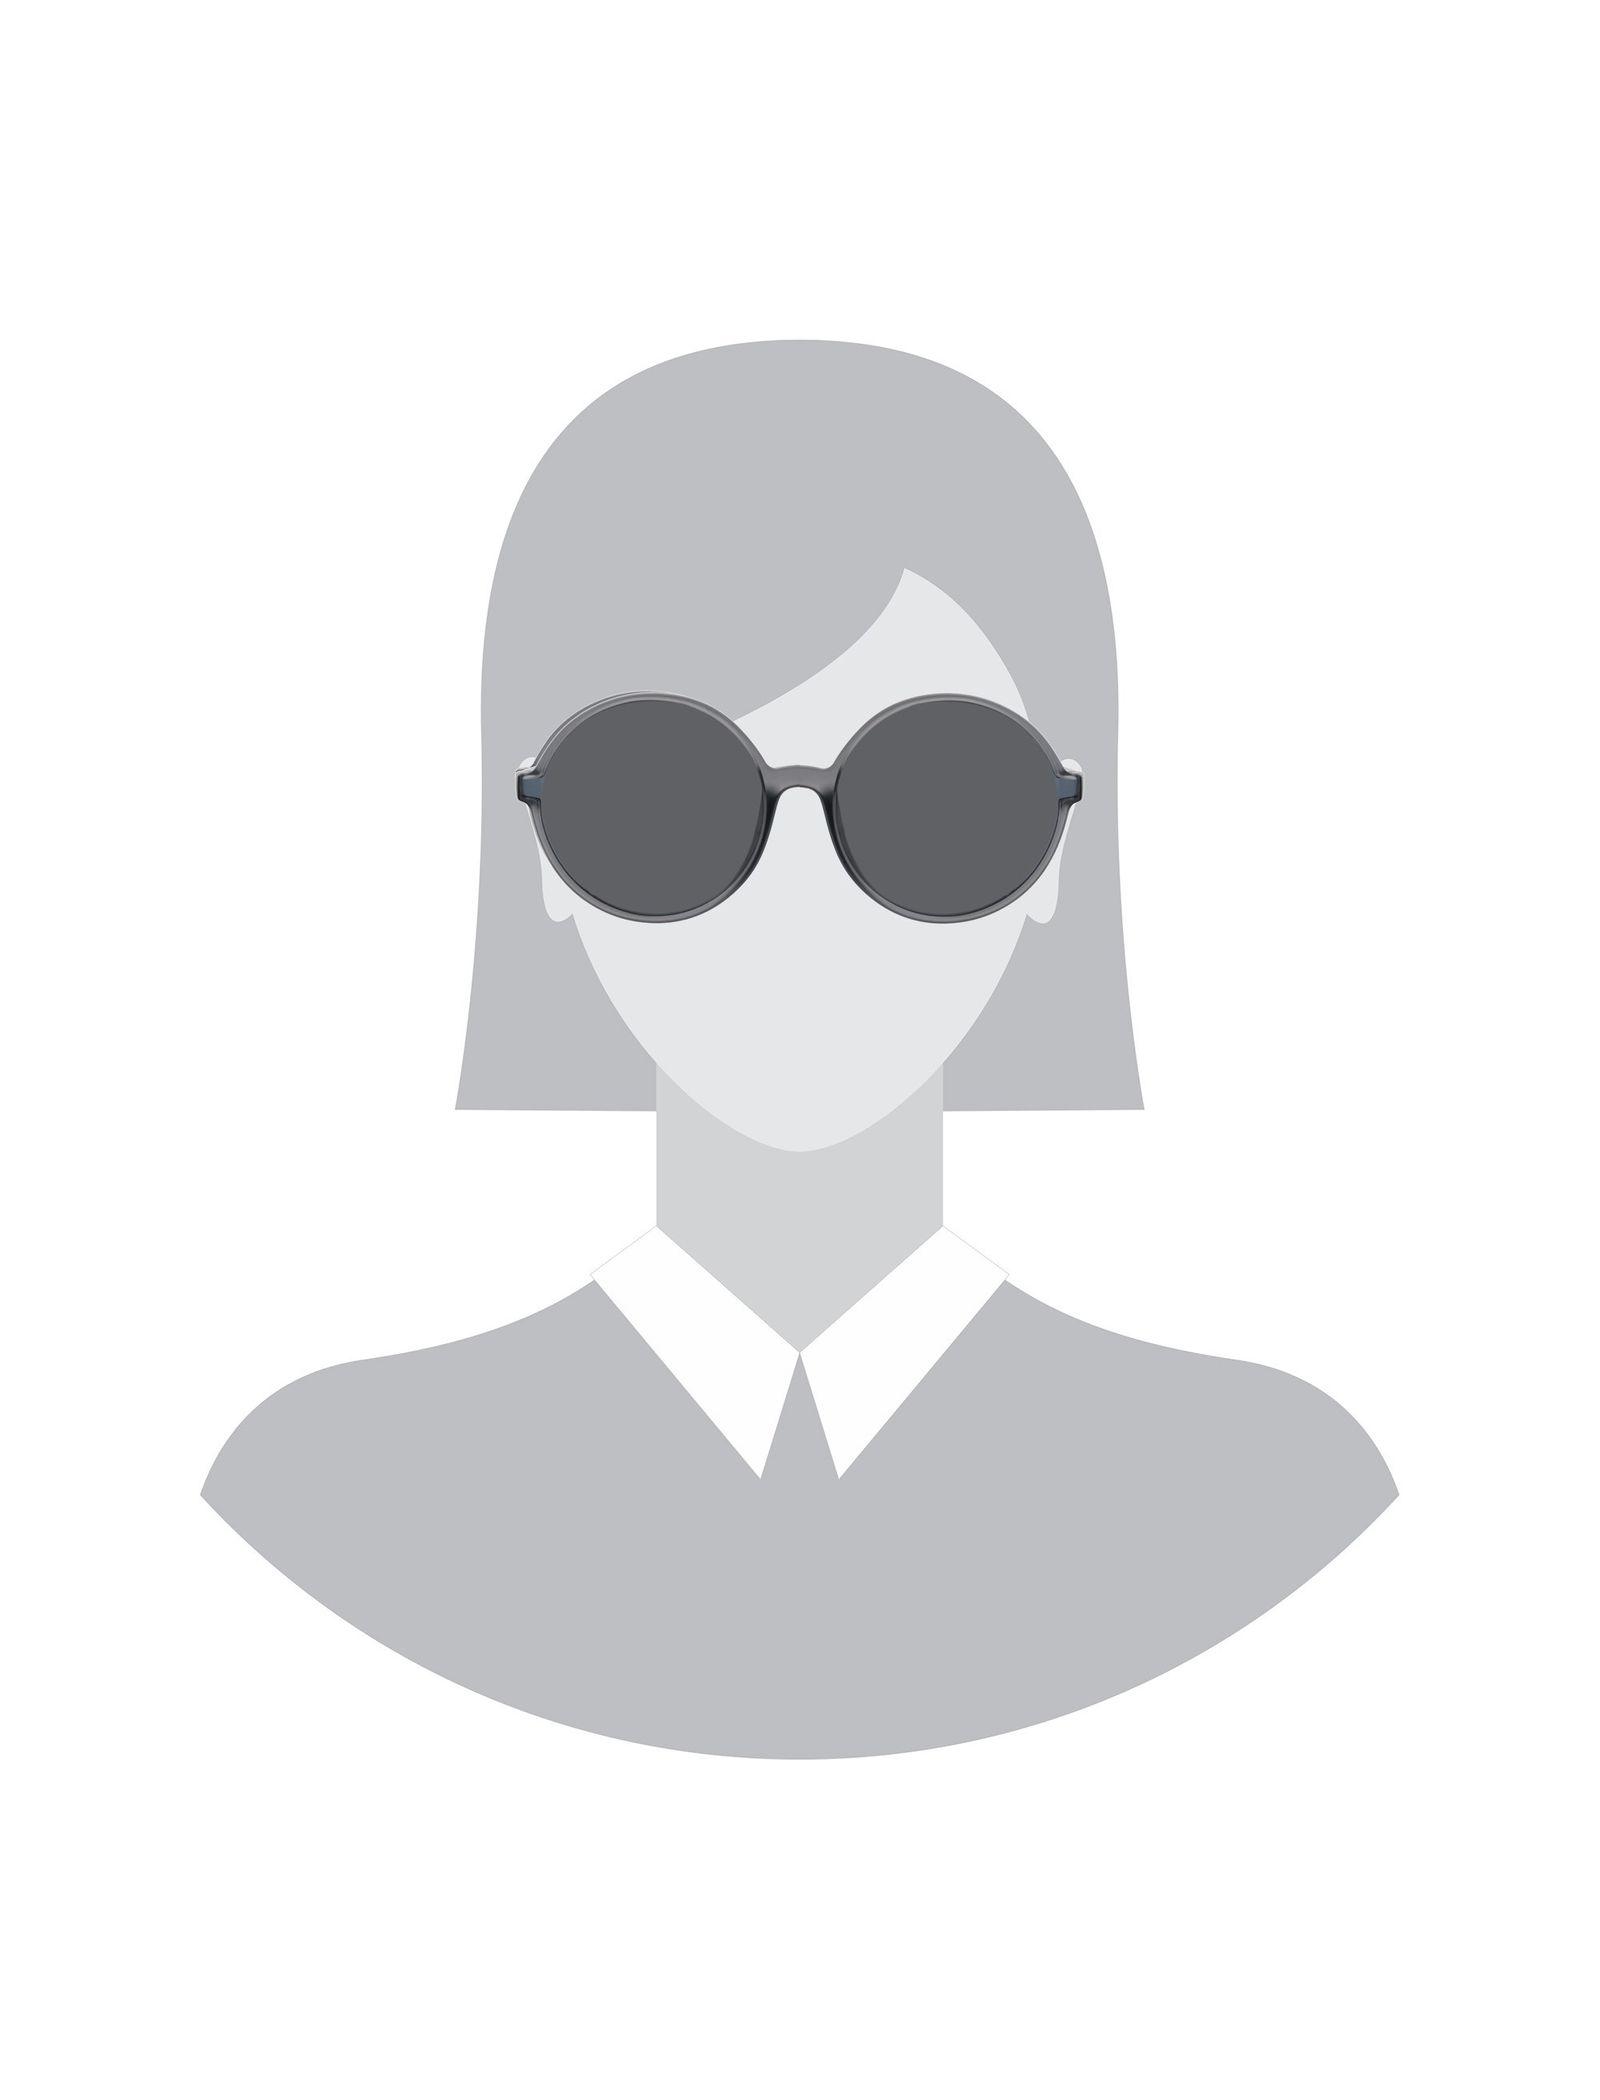 عینک آفتابی گرد زنانه - پپه جینز - طوسي - 5